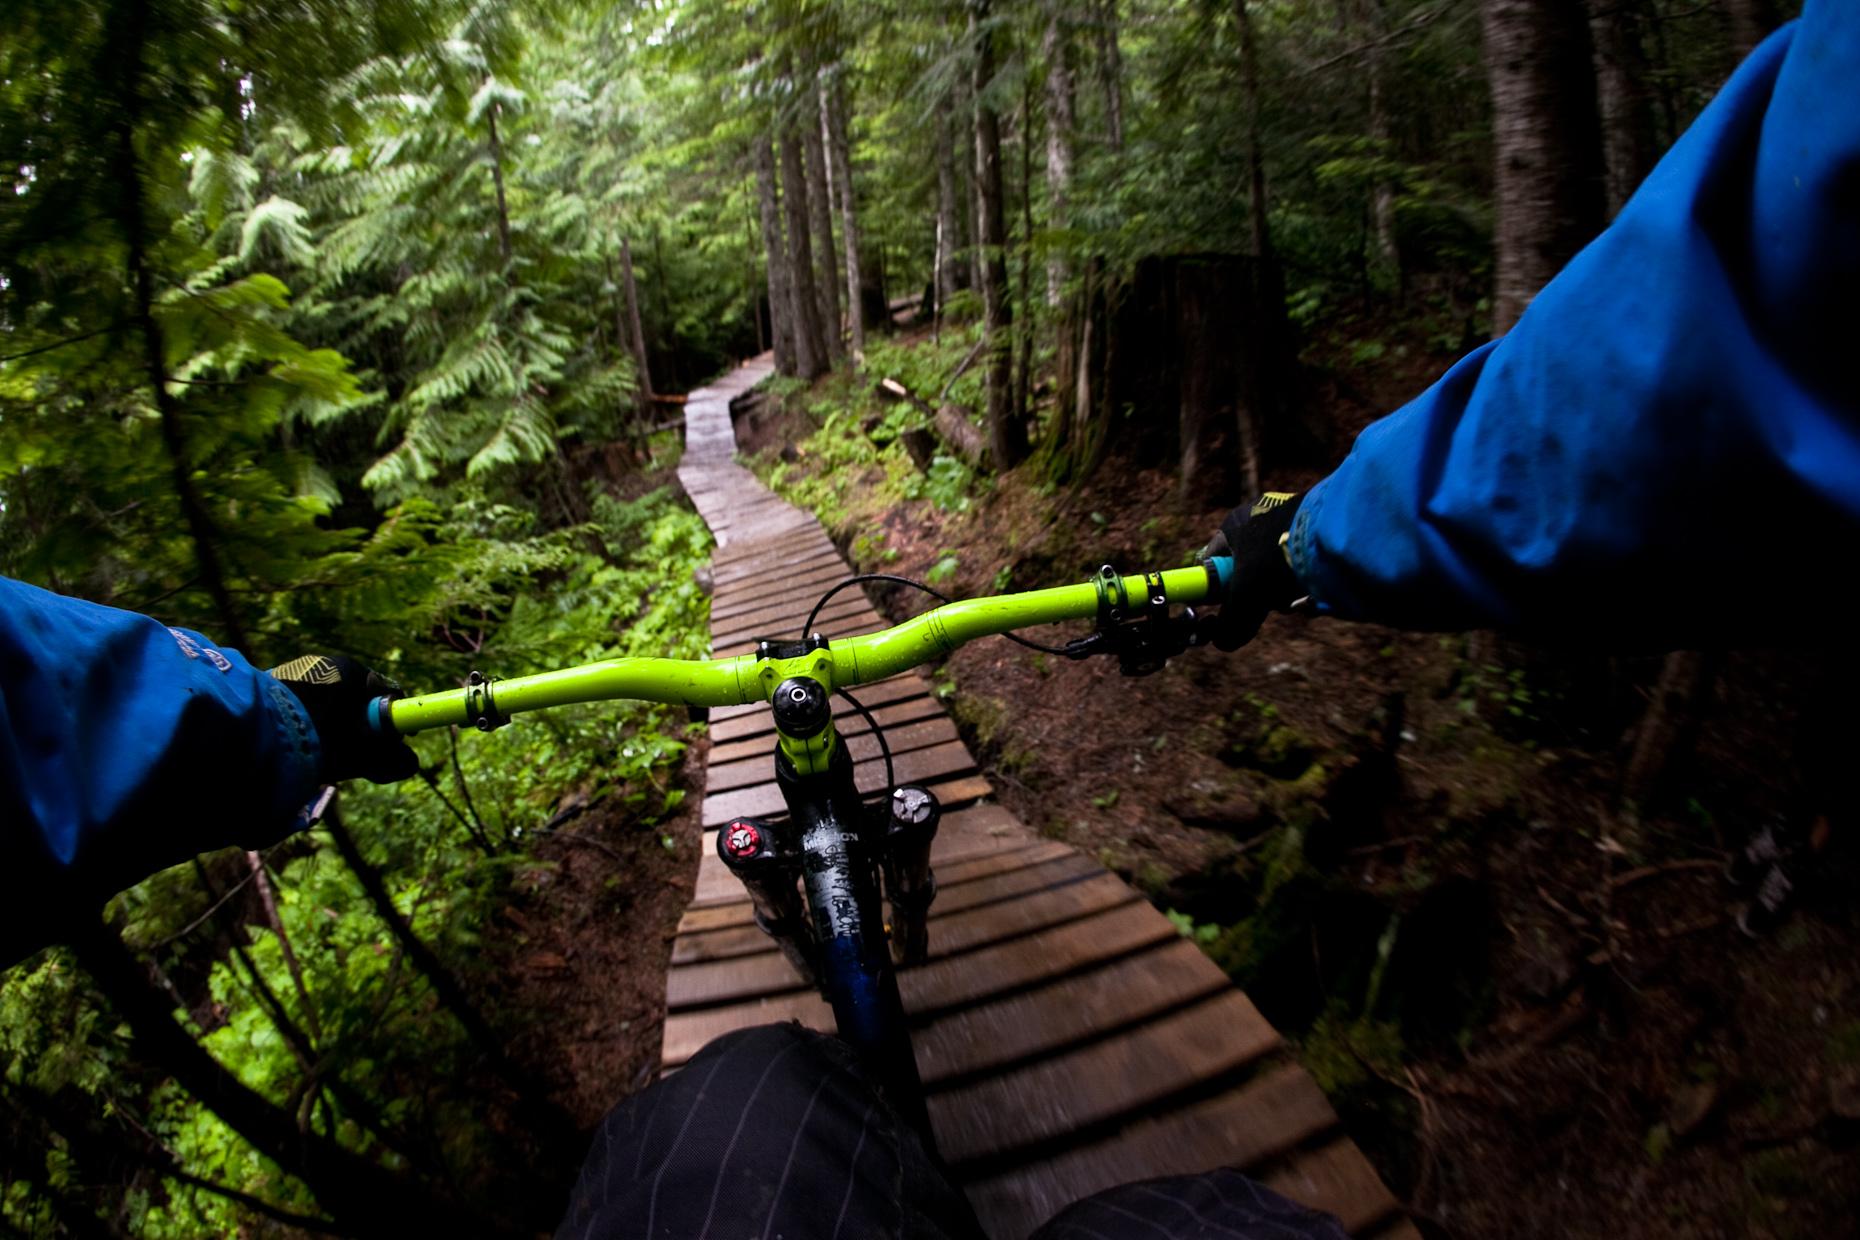 Whistler Bike Park by Justin Olsen - 10 Tips for Bike Photography